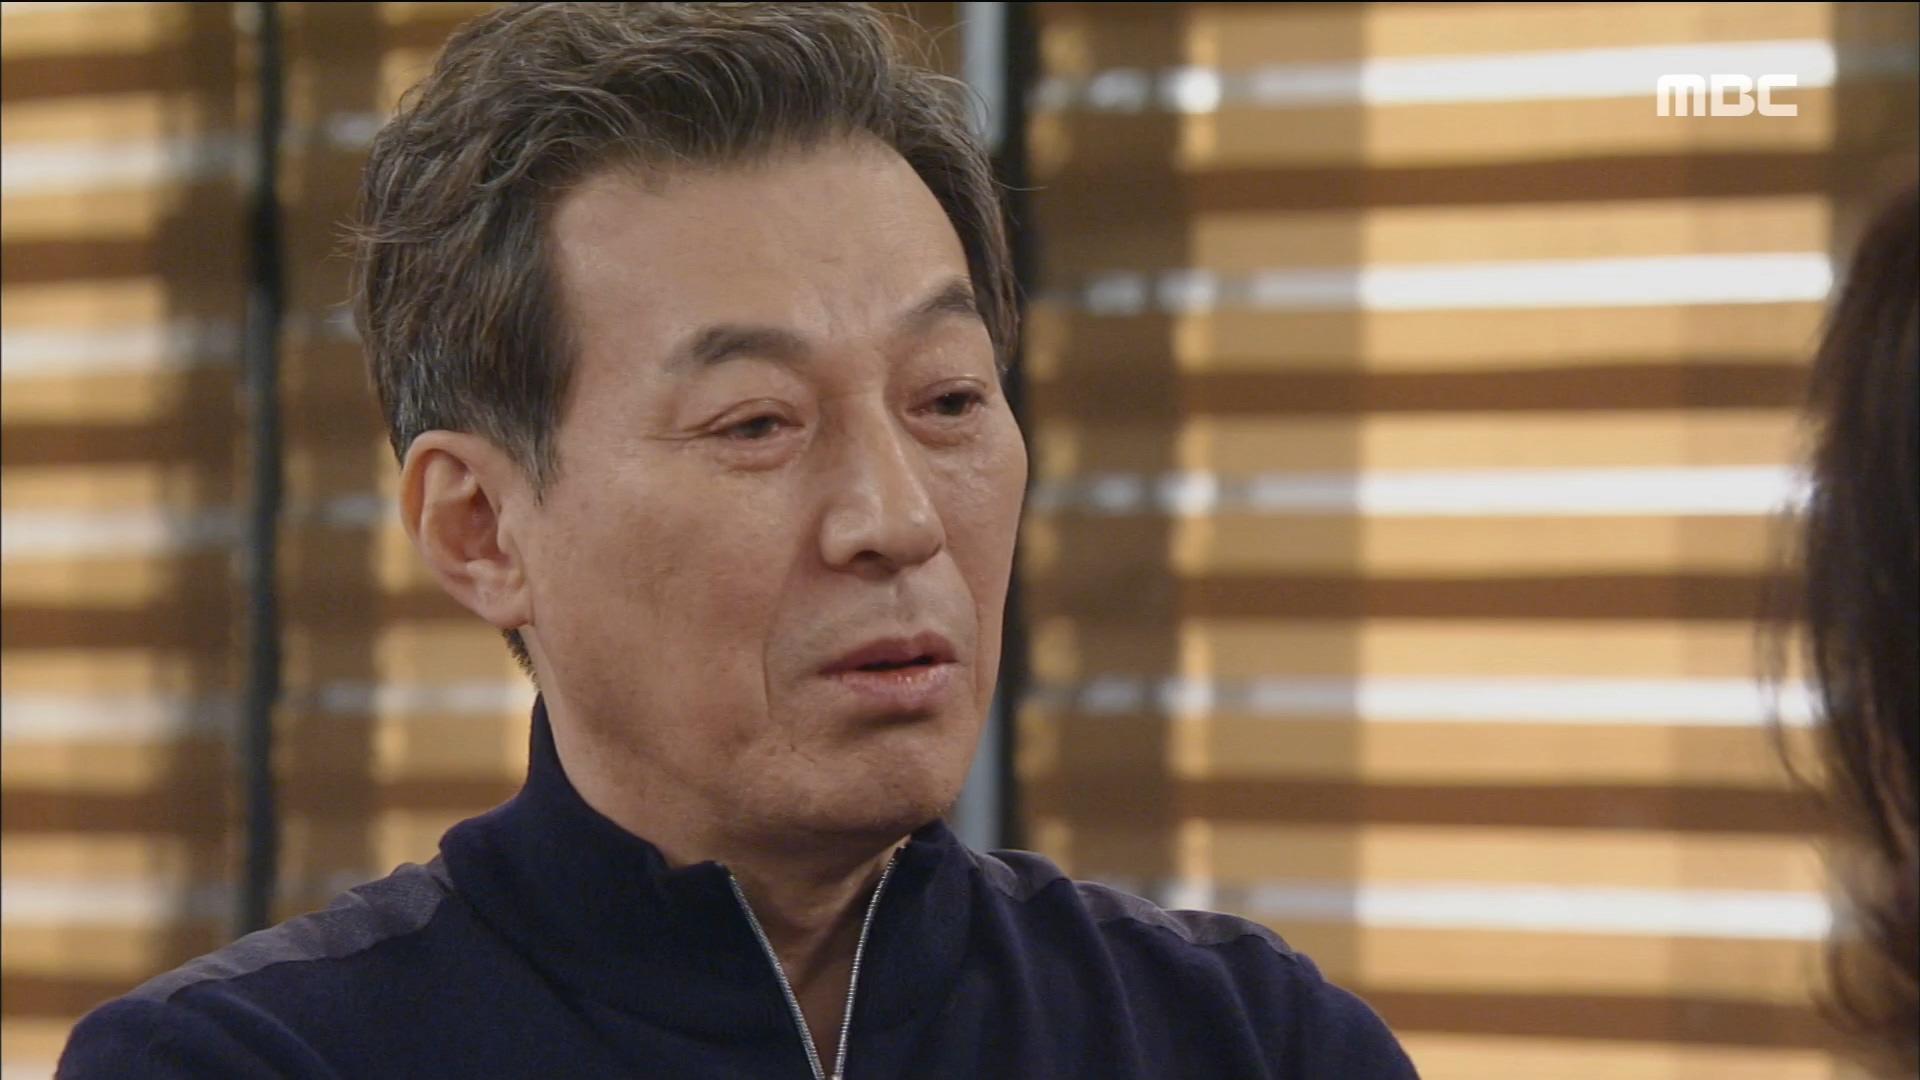 김갑수, 김미숙에 미안하고 고마운 마음.. '내가 바보였어'